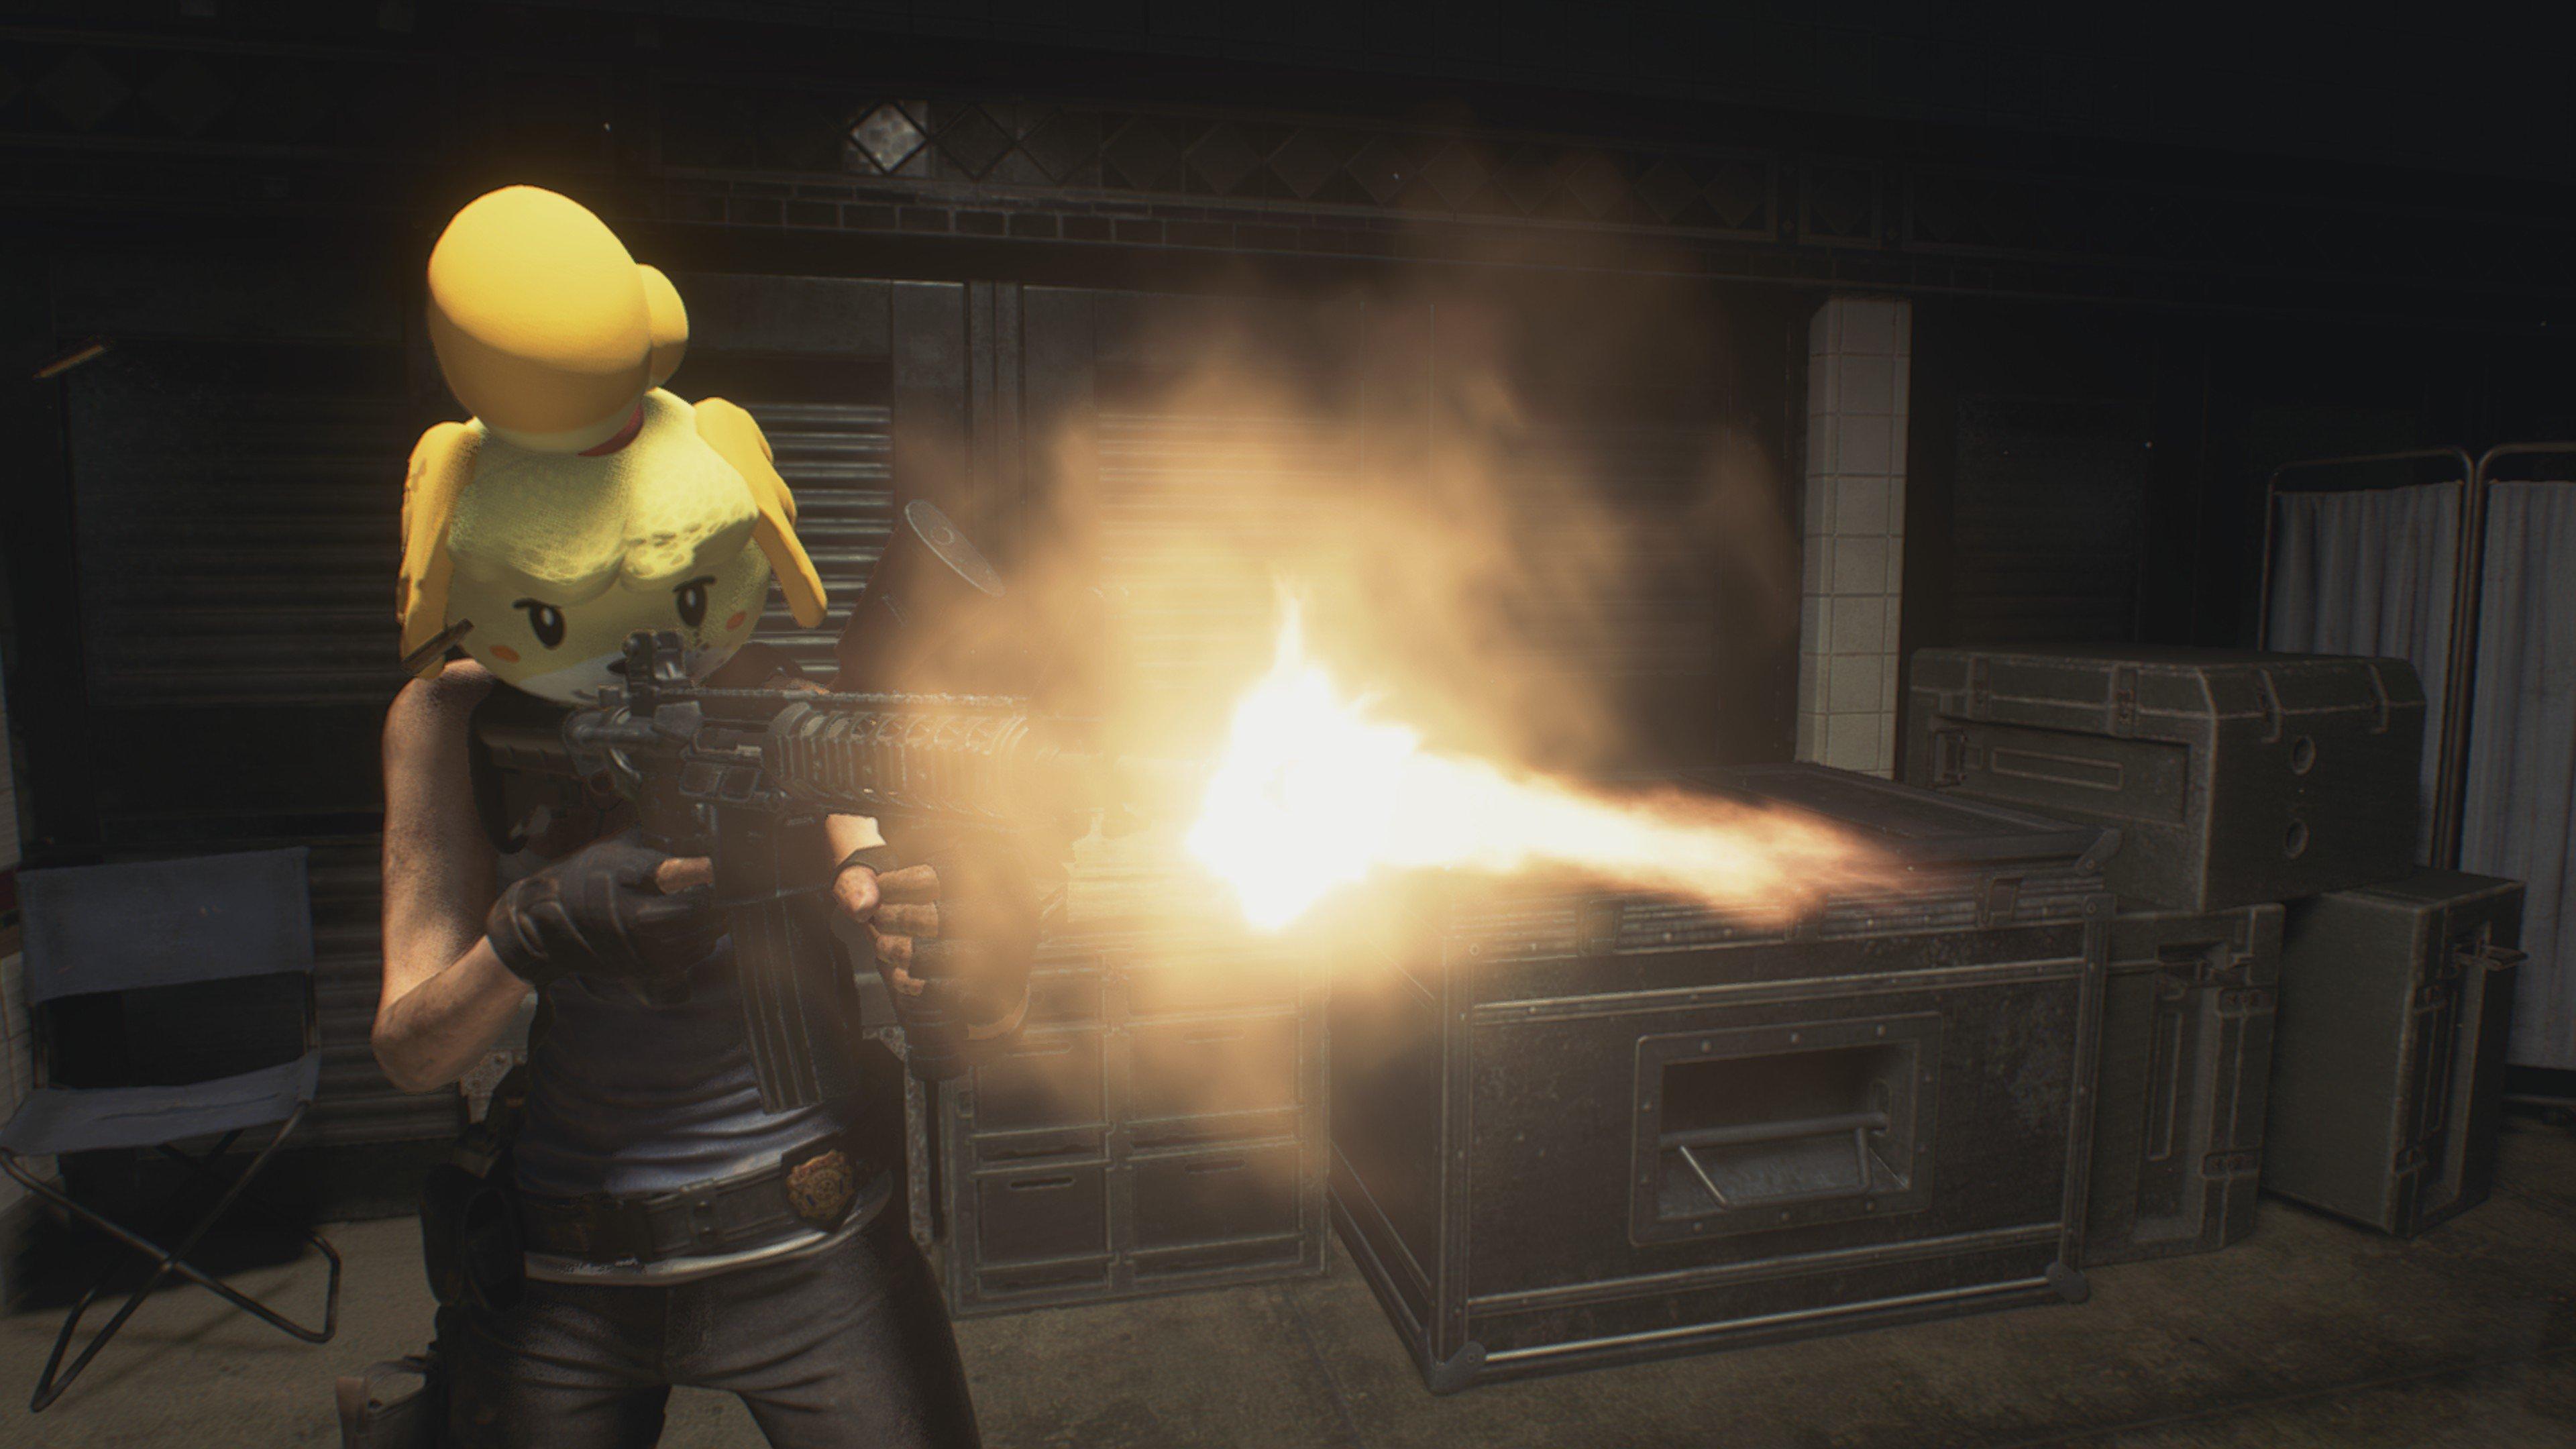 Någon har moddat in Animal Crossing-Isabelle i Resident Evil 3